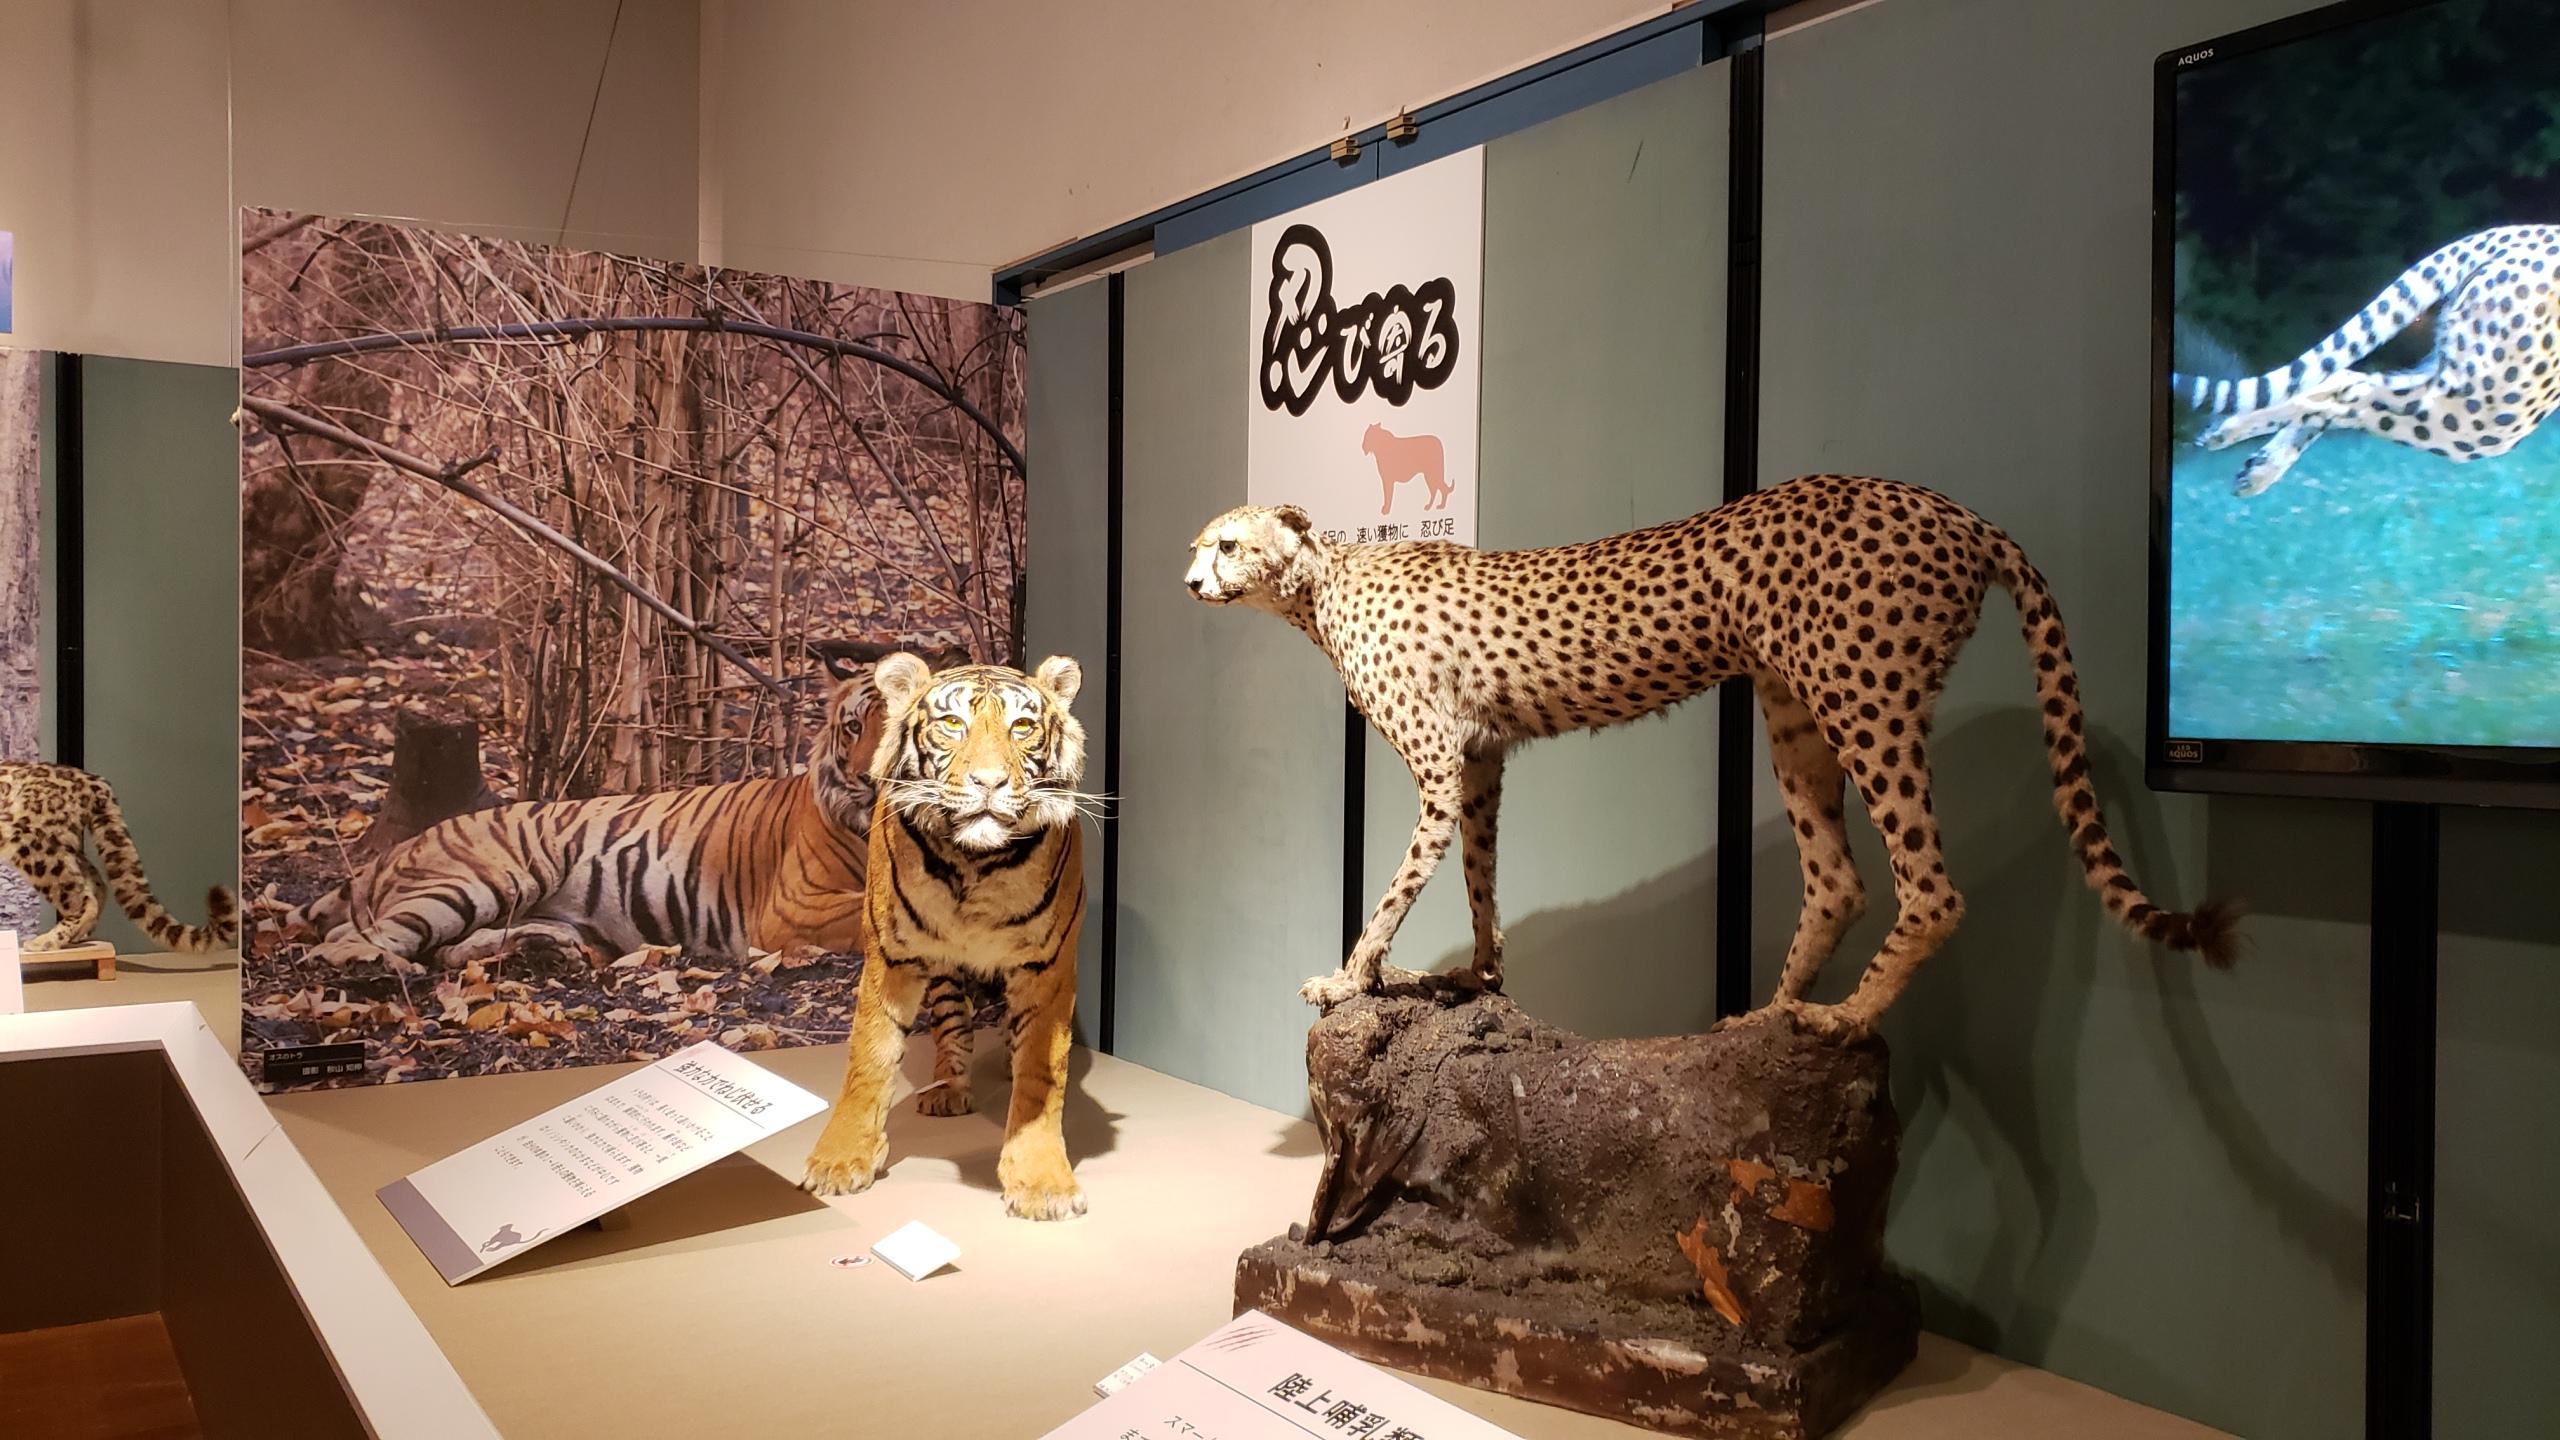 トラとチーター(剥製)